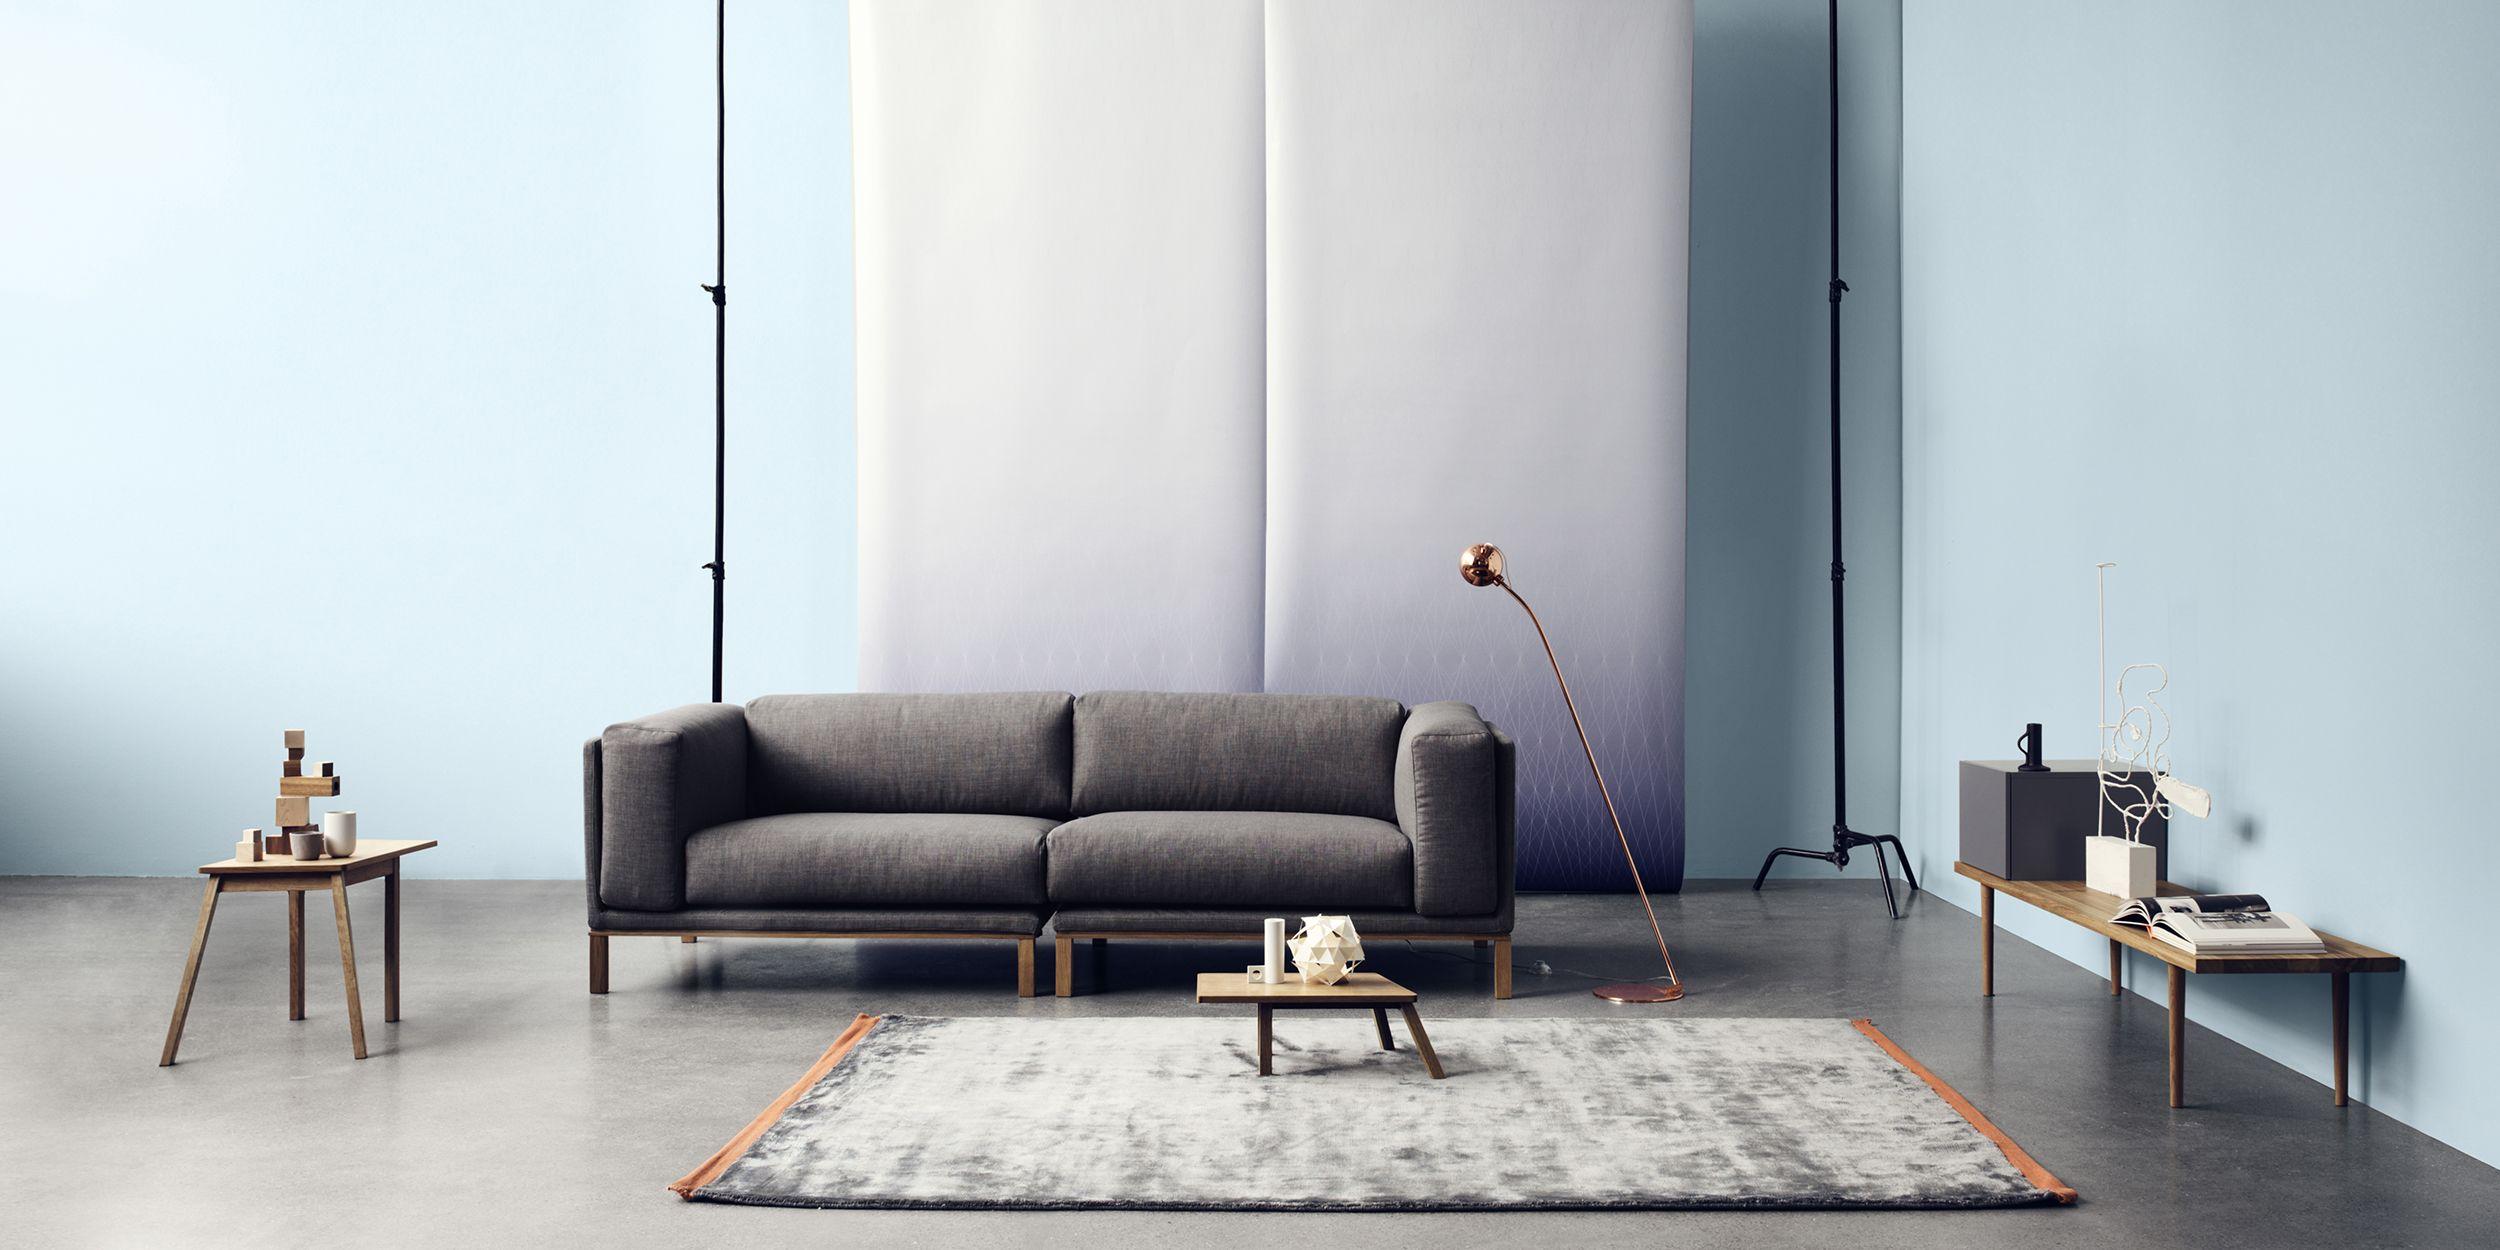 Bolia Com New Scandinavian Design Sofa Design Cosy Sofa Interior Design